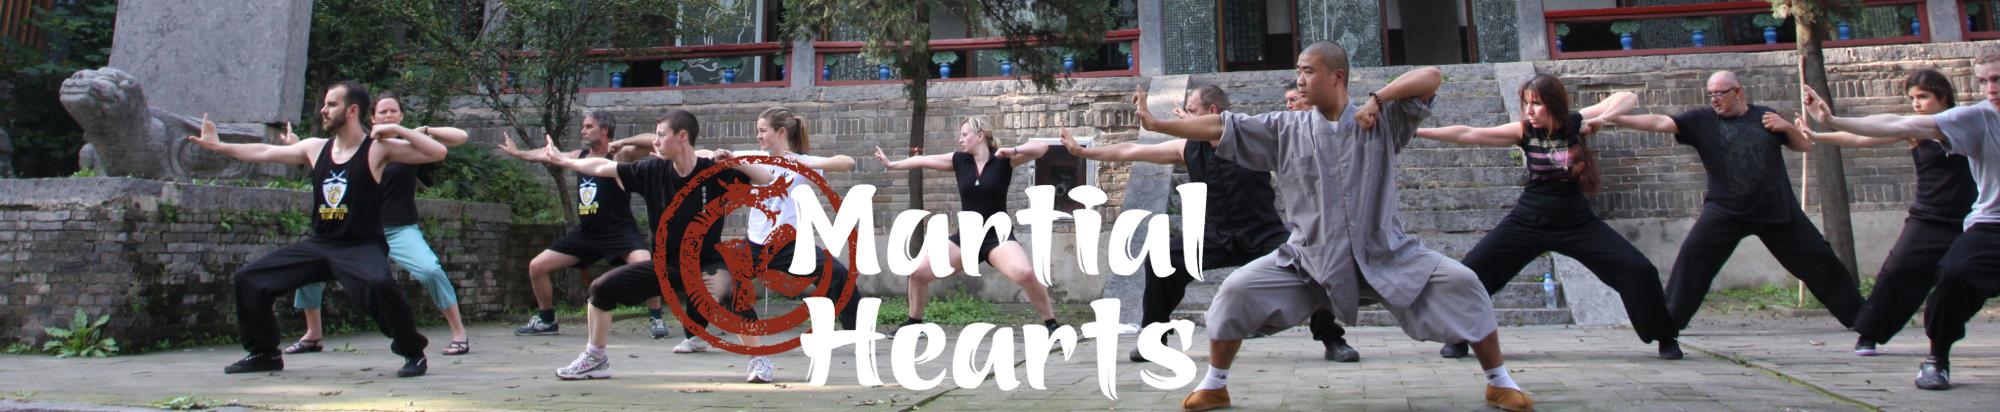 CK Martial Hearts